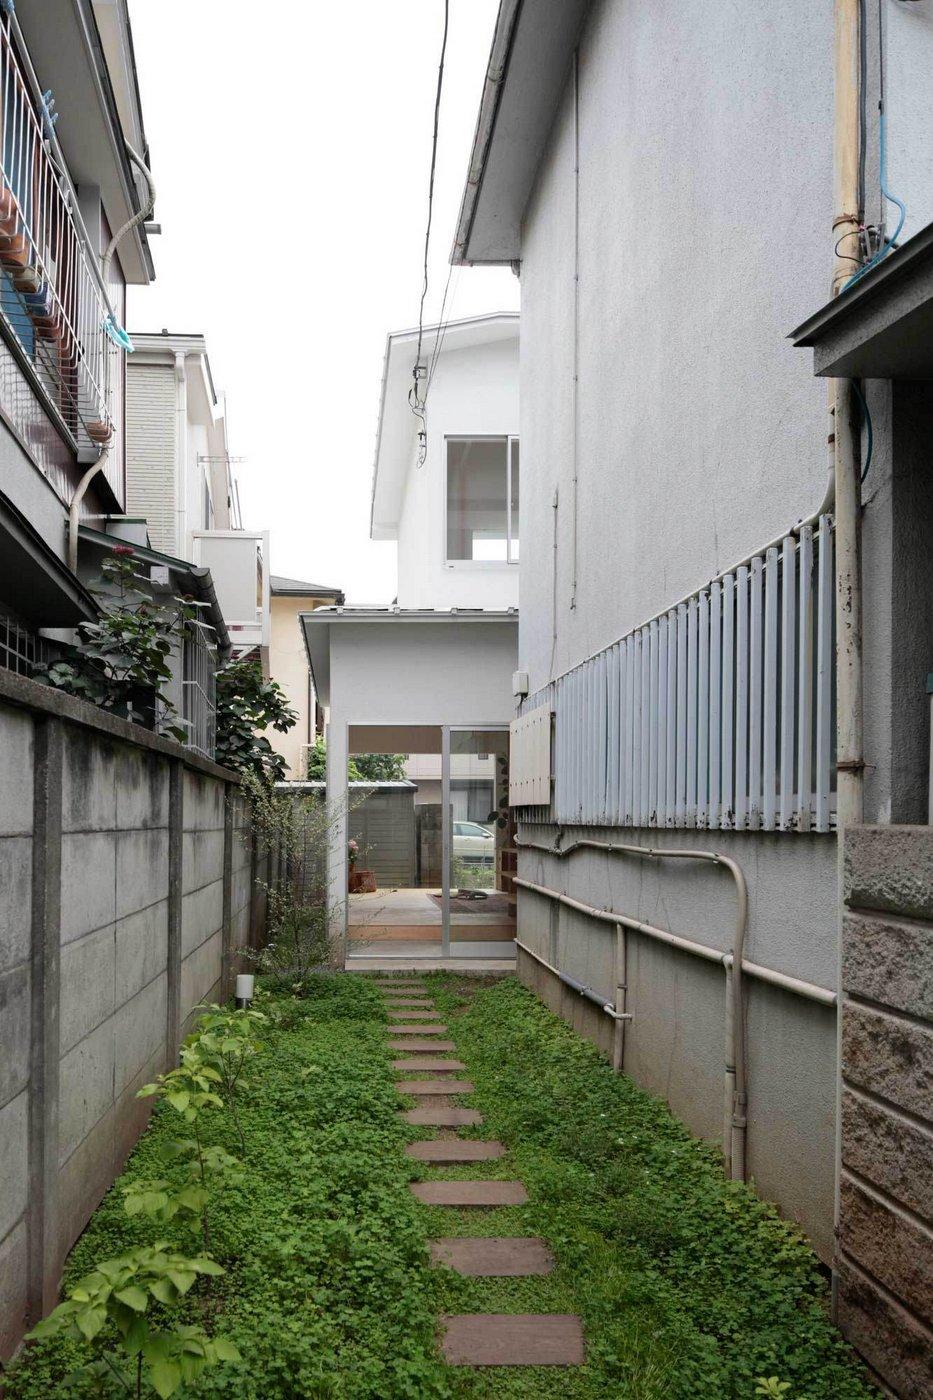 House-Komazawa-Park-Mico (2)